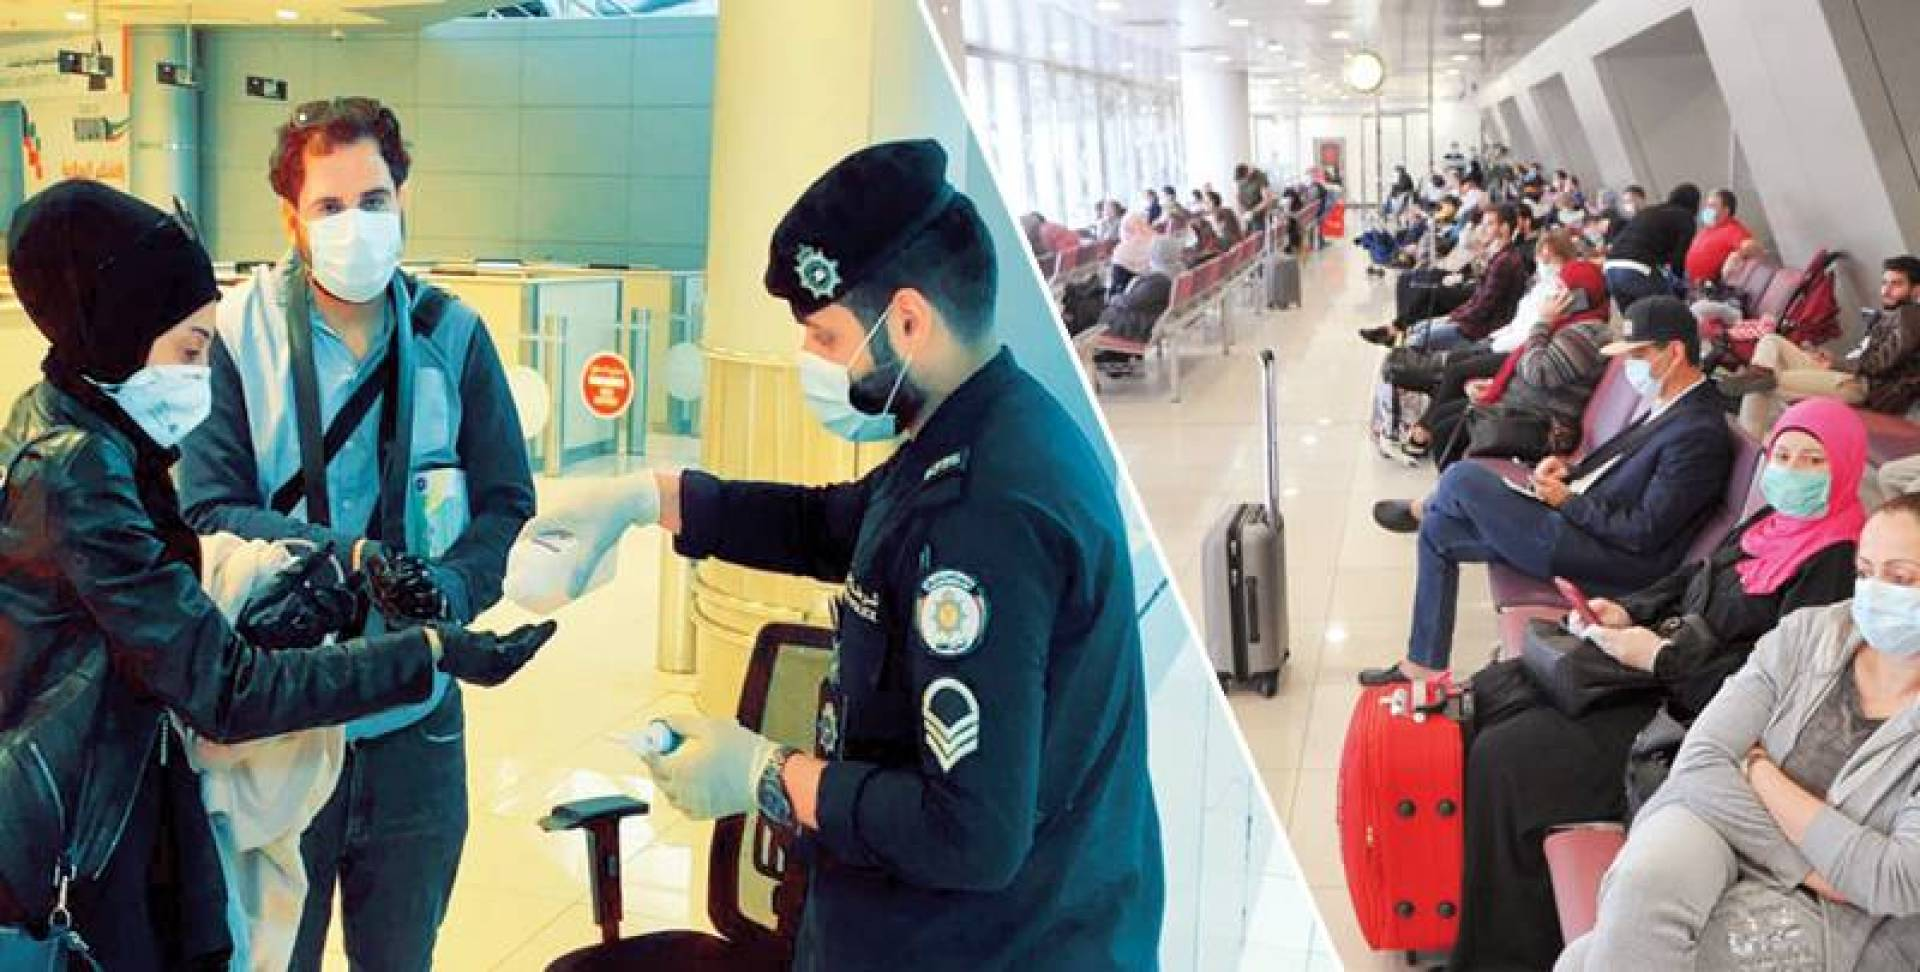 المغادرون في مطار الكويت الدولي - تعقيم قبل المغادرة